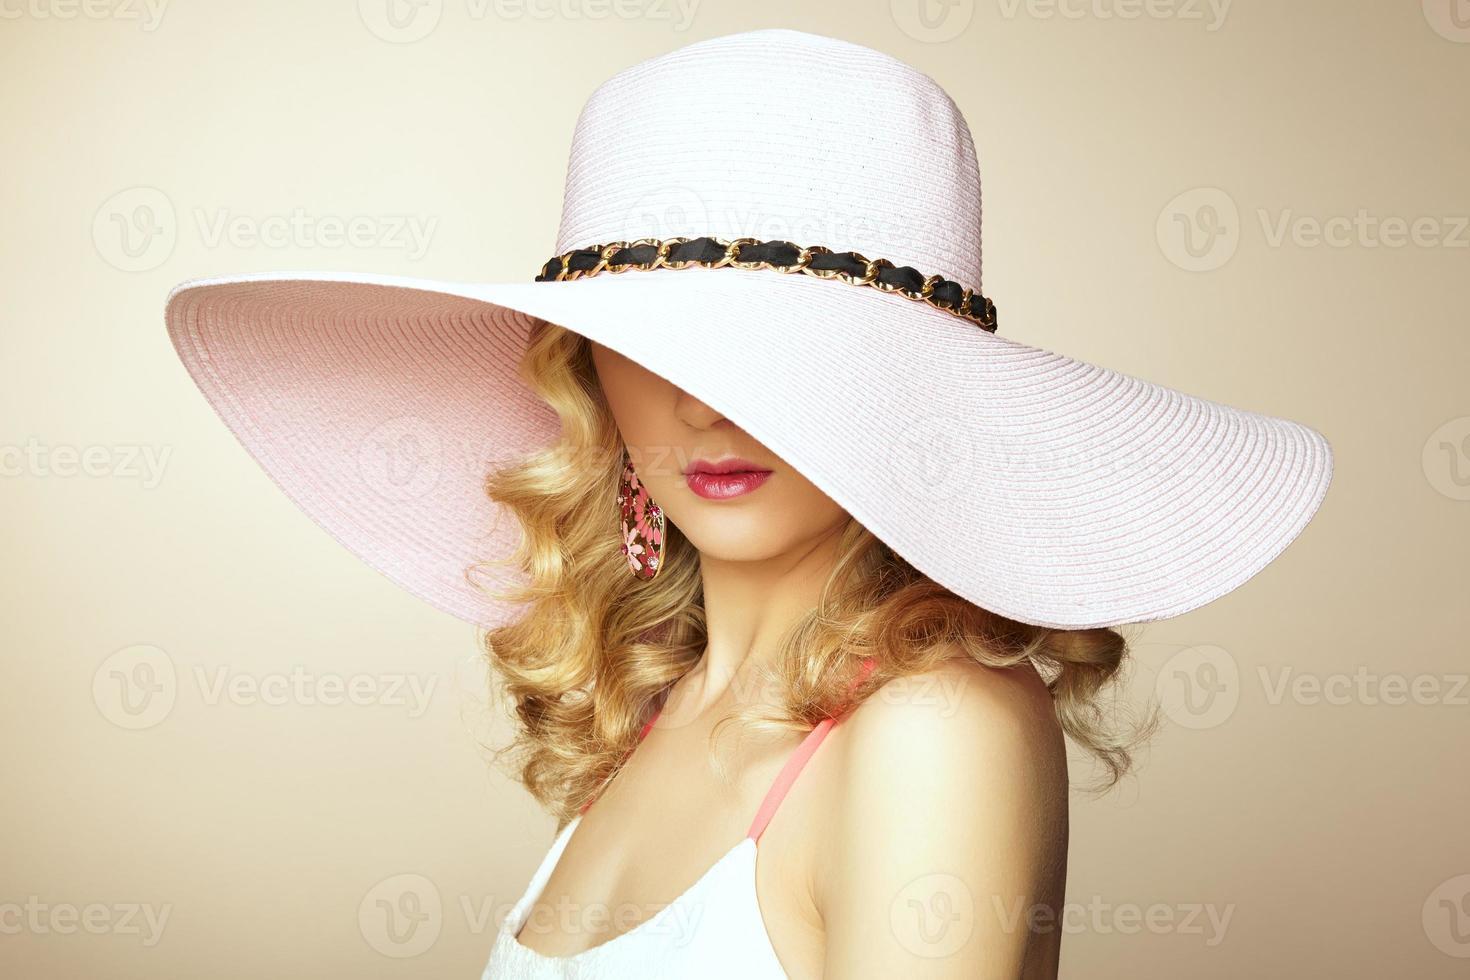 Modefoto der jungen prächtigen Frau im Hut. Mädchen posiert foto